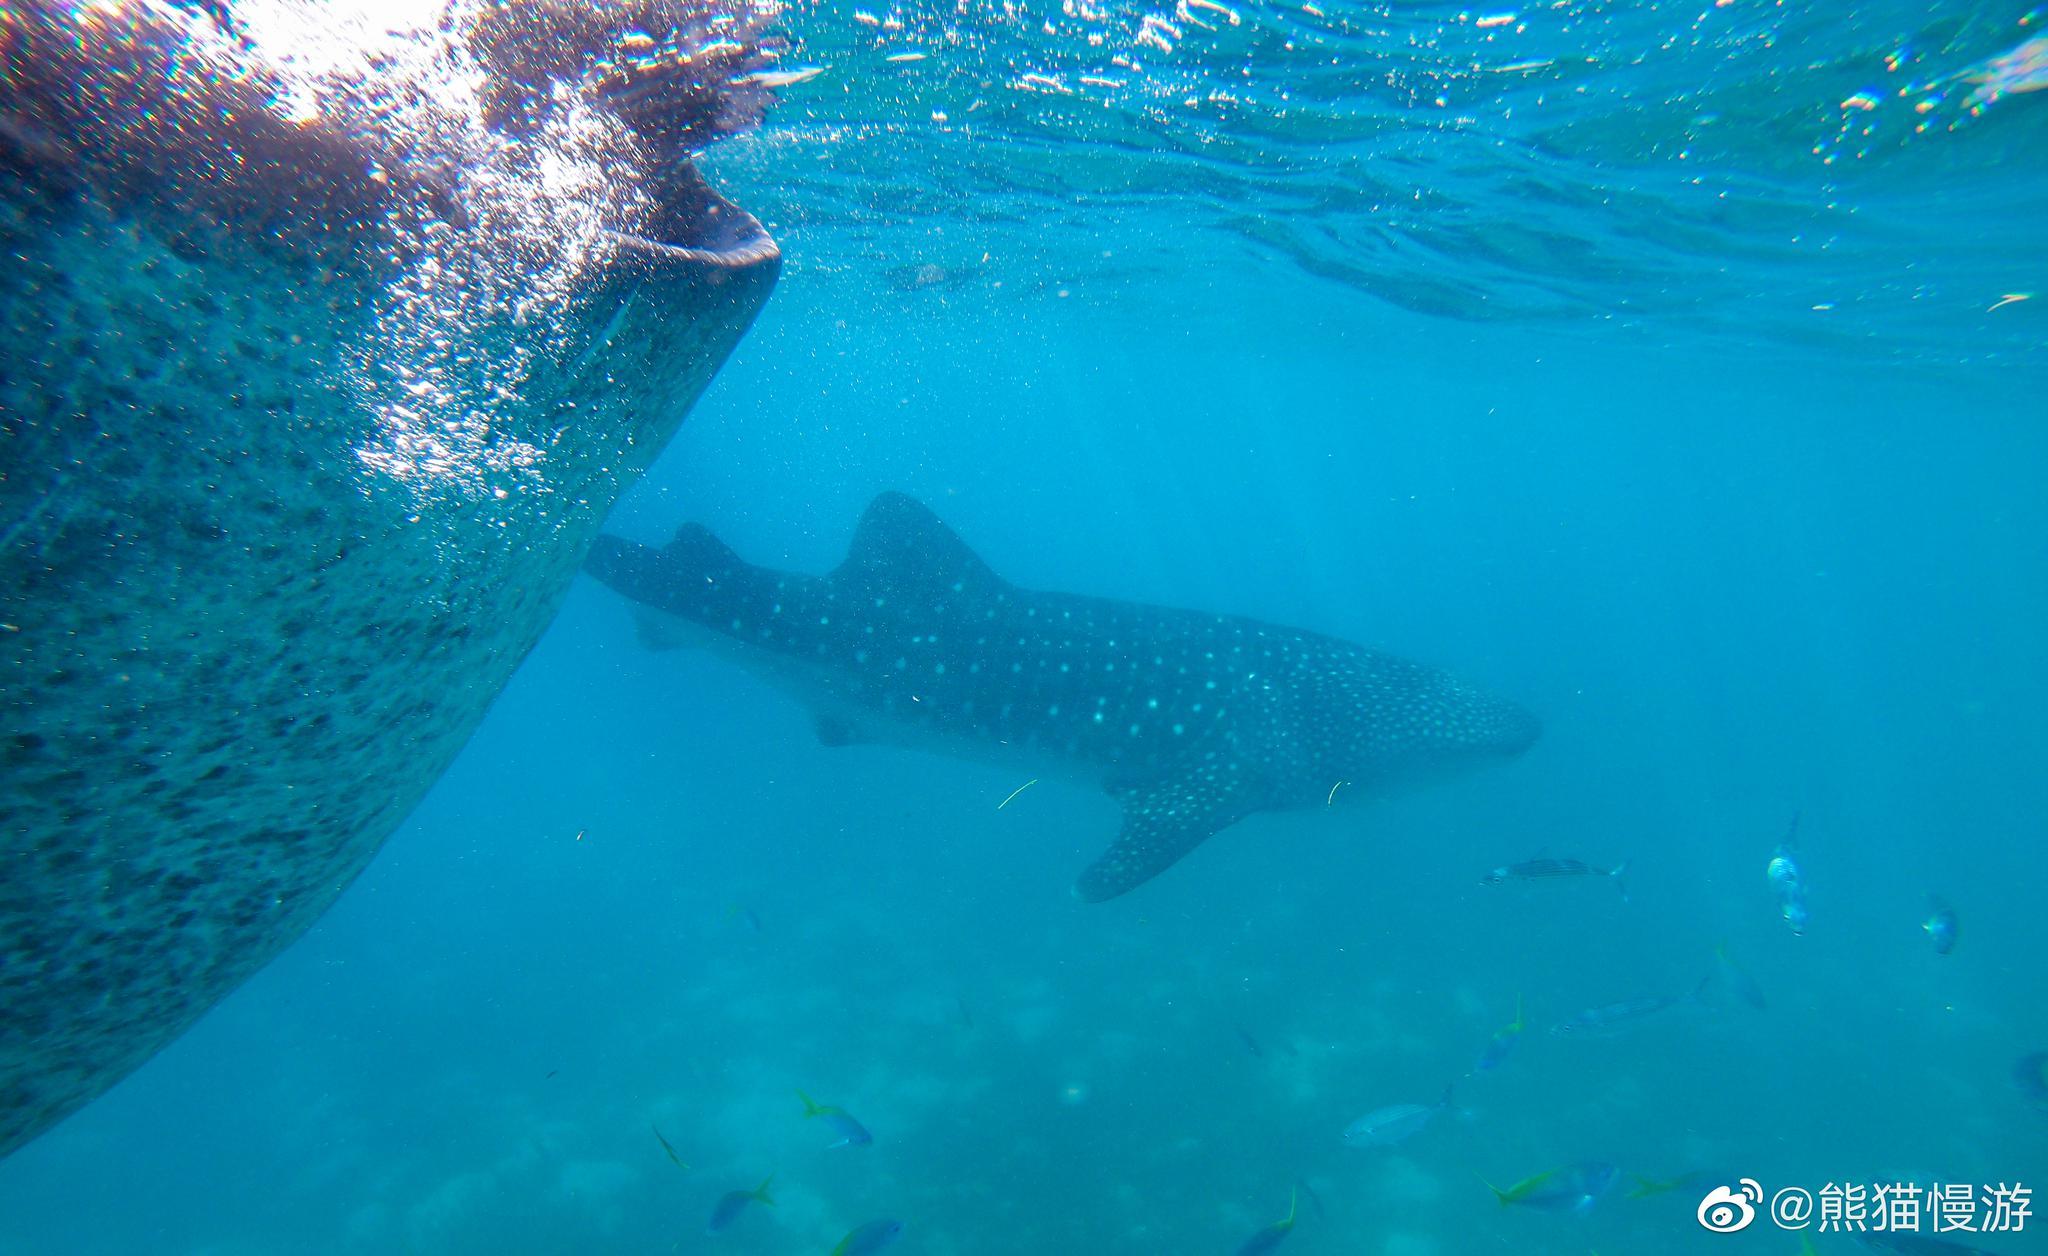 位于宿务本岛的奥斯洛布是出名的观鲸点